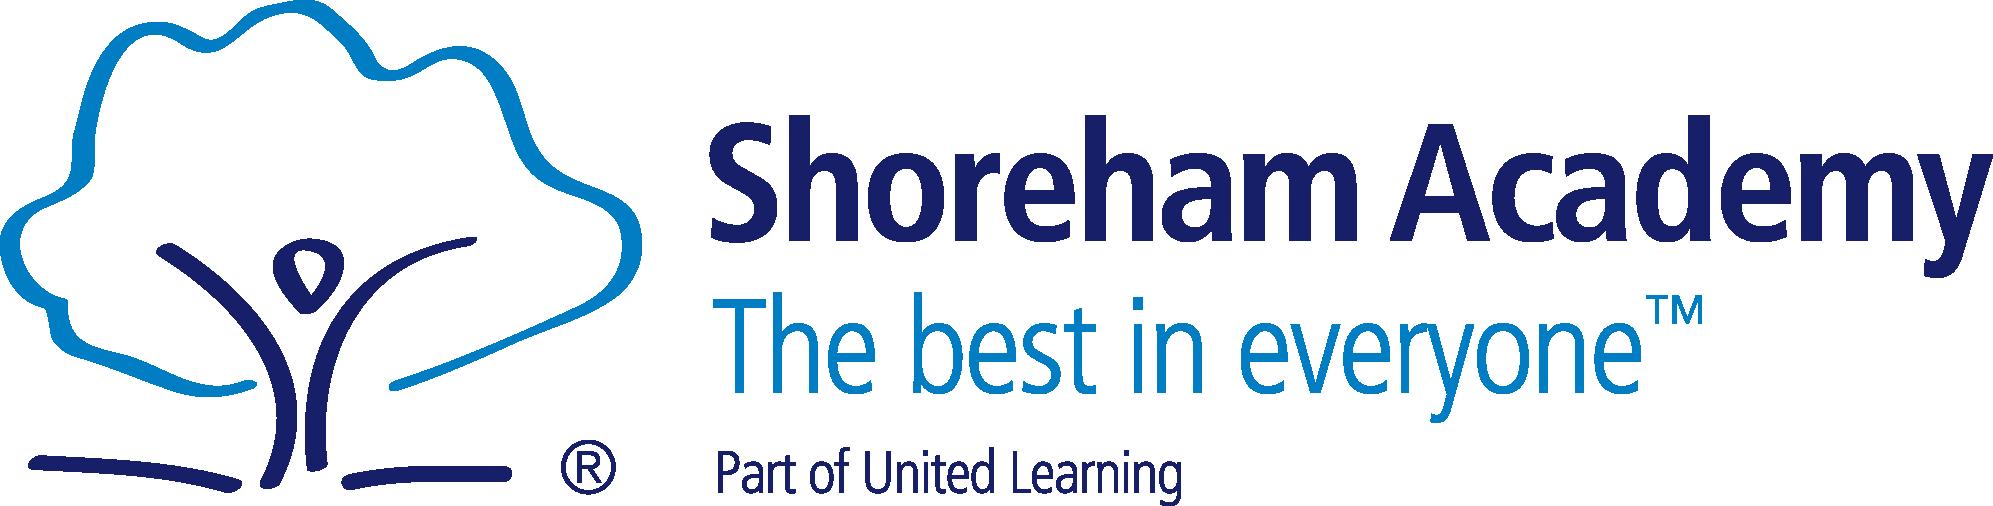 Shoreham_Academy_Logo